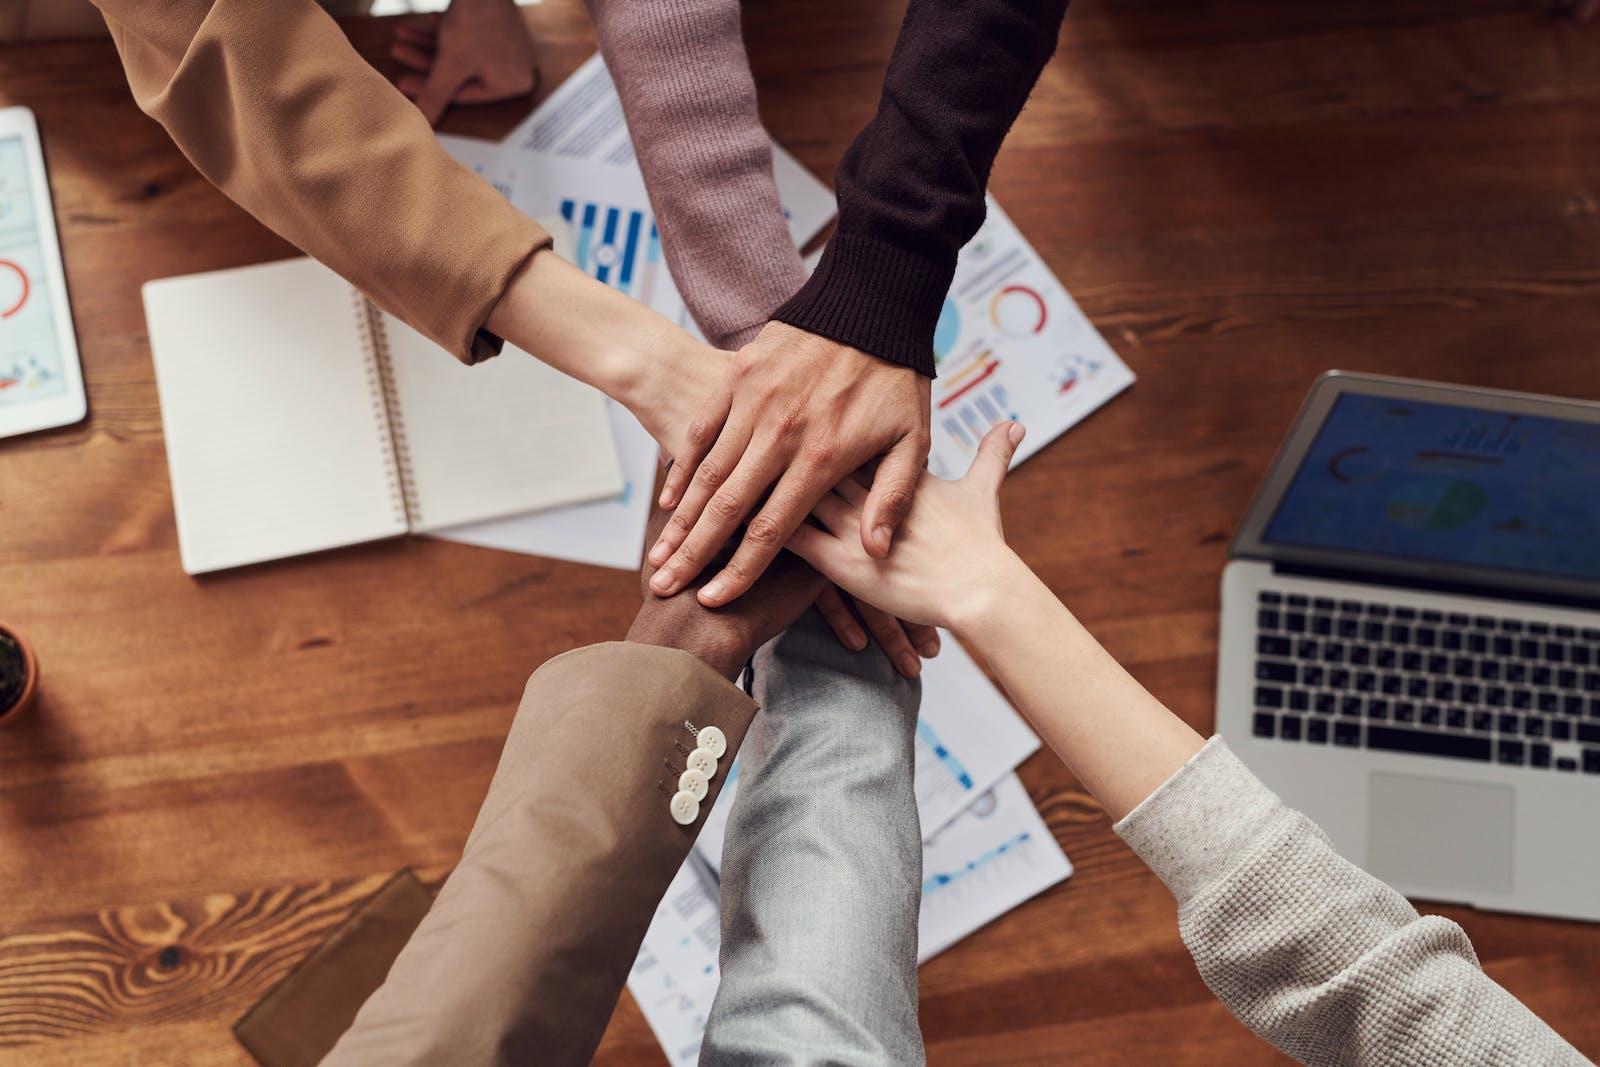 Soins énergétiques Reïki et LaHoChi en Entreprise en groupe ou en individuel. Favorise le travail en équipe, la concentration au travail.